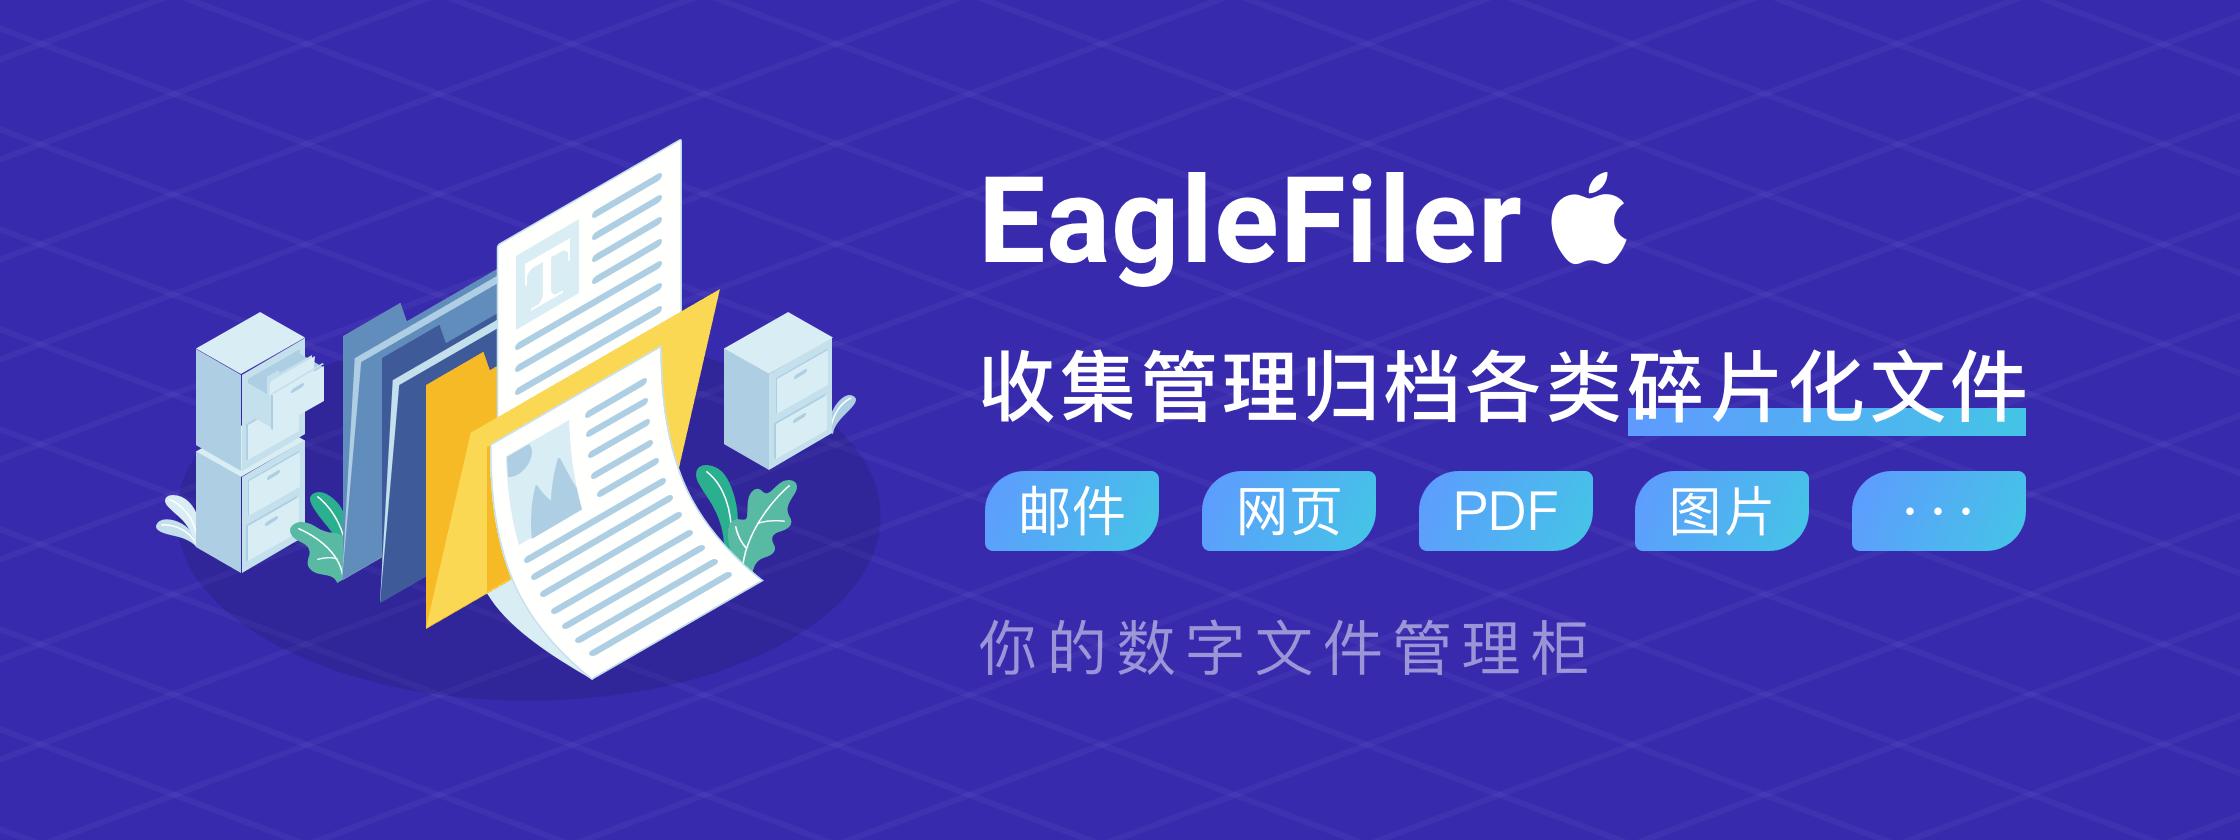 EagleFiler – 你的数字文件管理柜